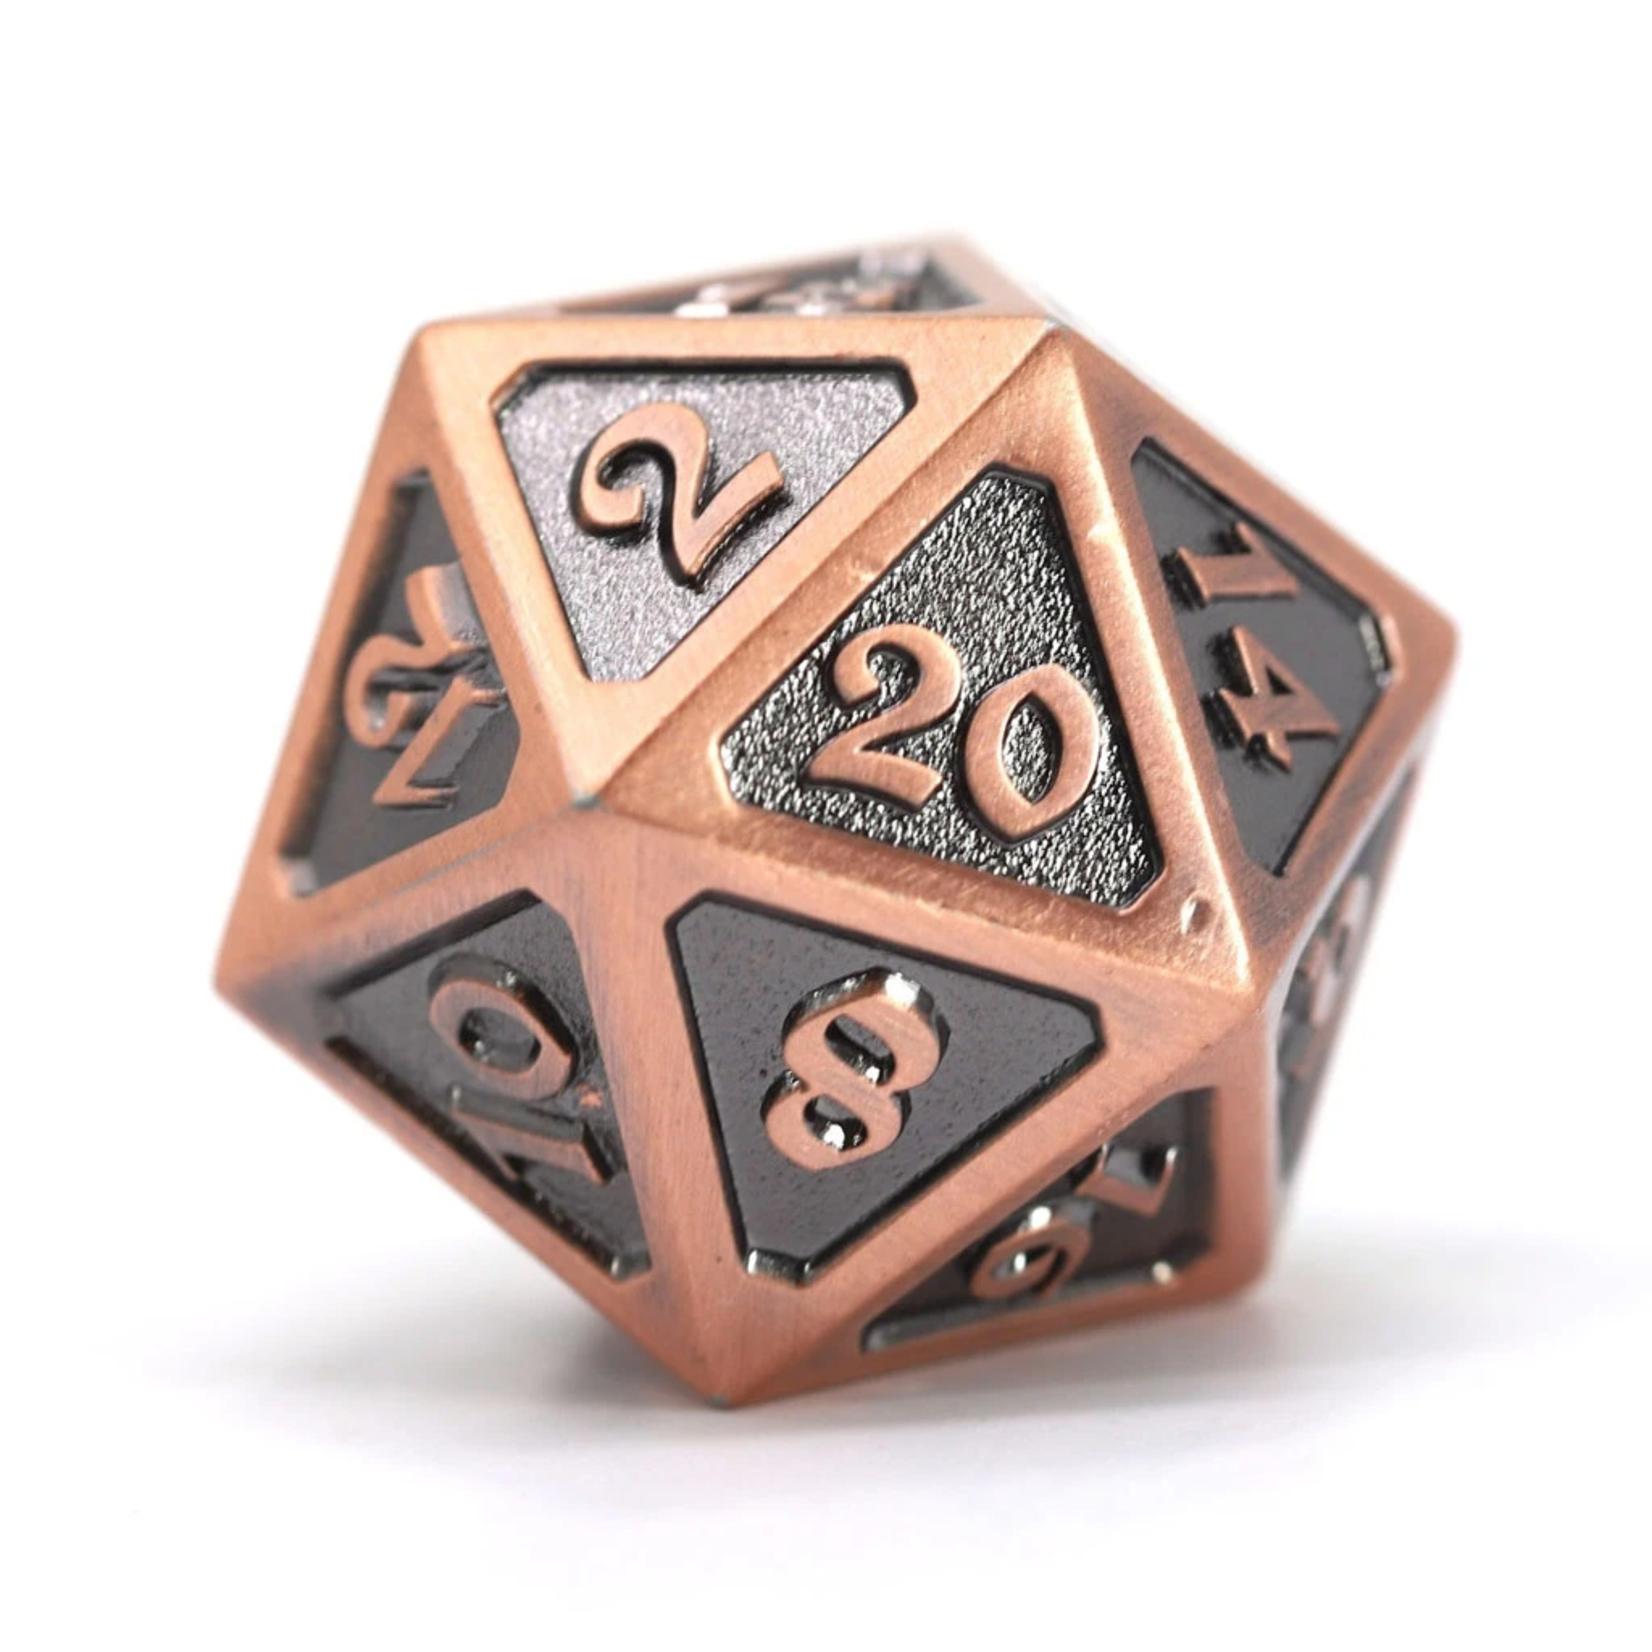 Die Hard Dice Dire d20 Mythica Battleworn Copper